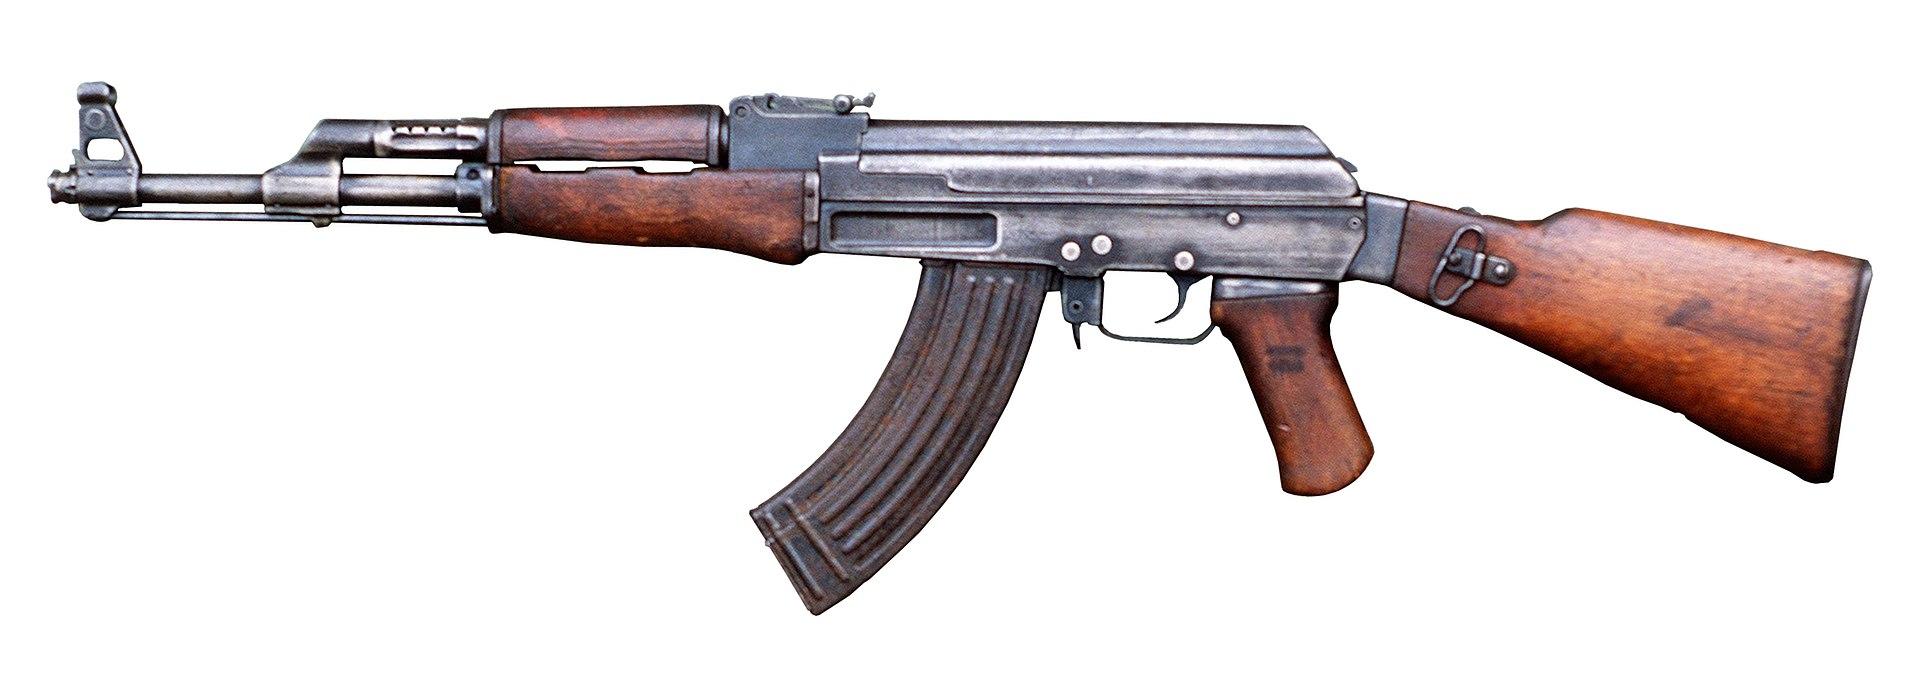 1920px-AK-47_type_II_Part_DM-ST-89-01131